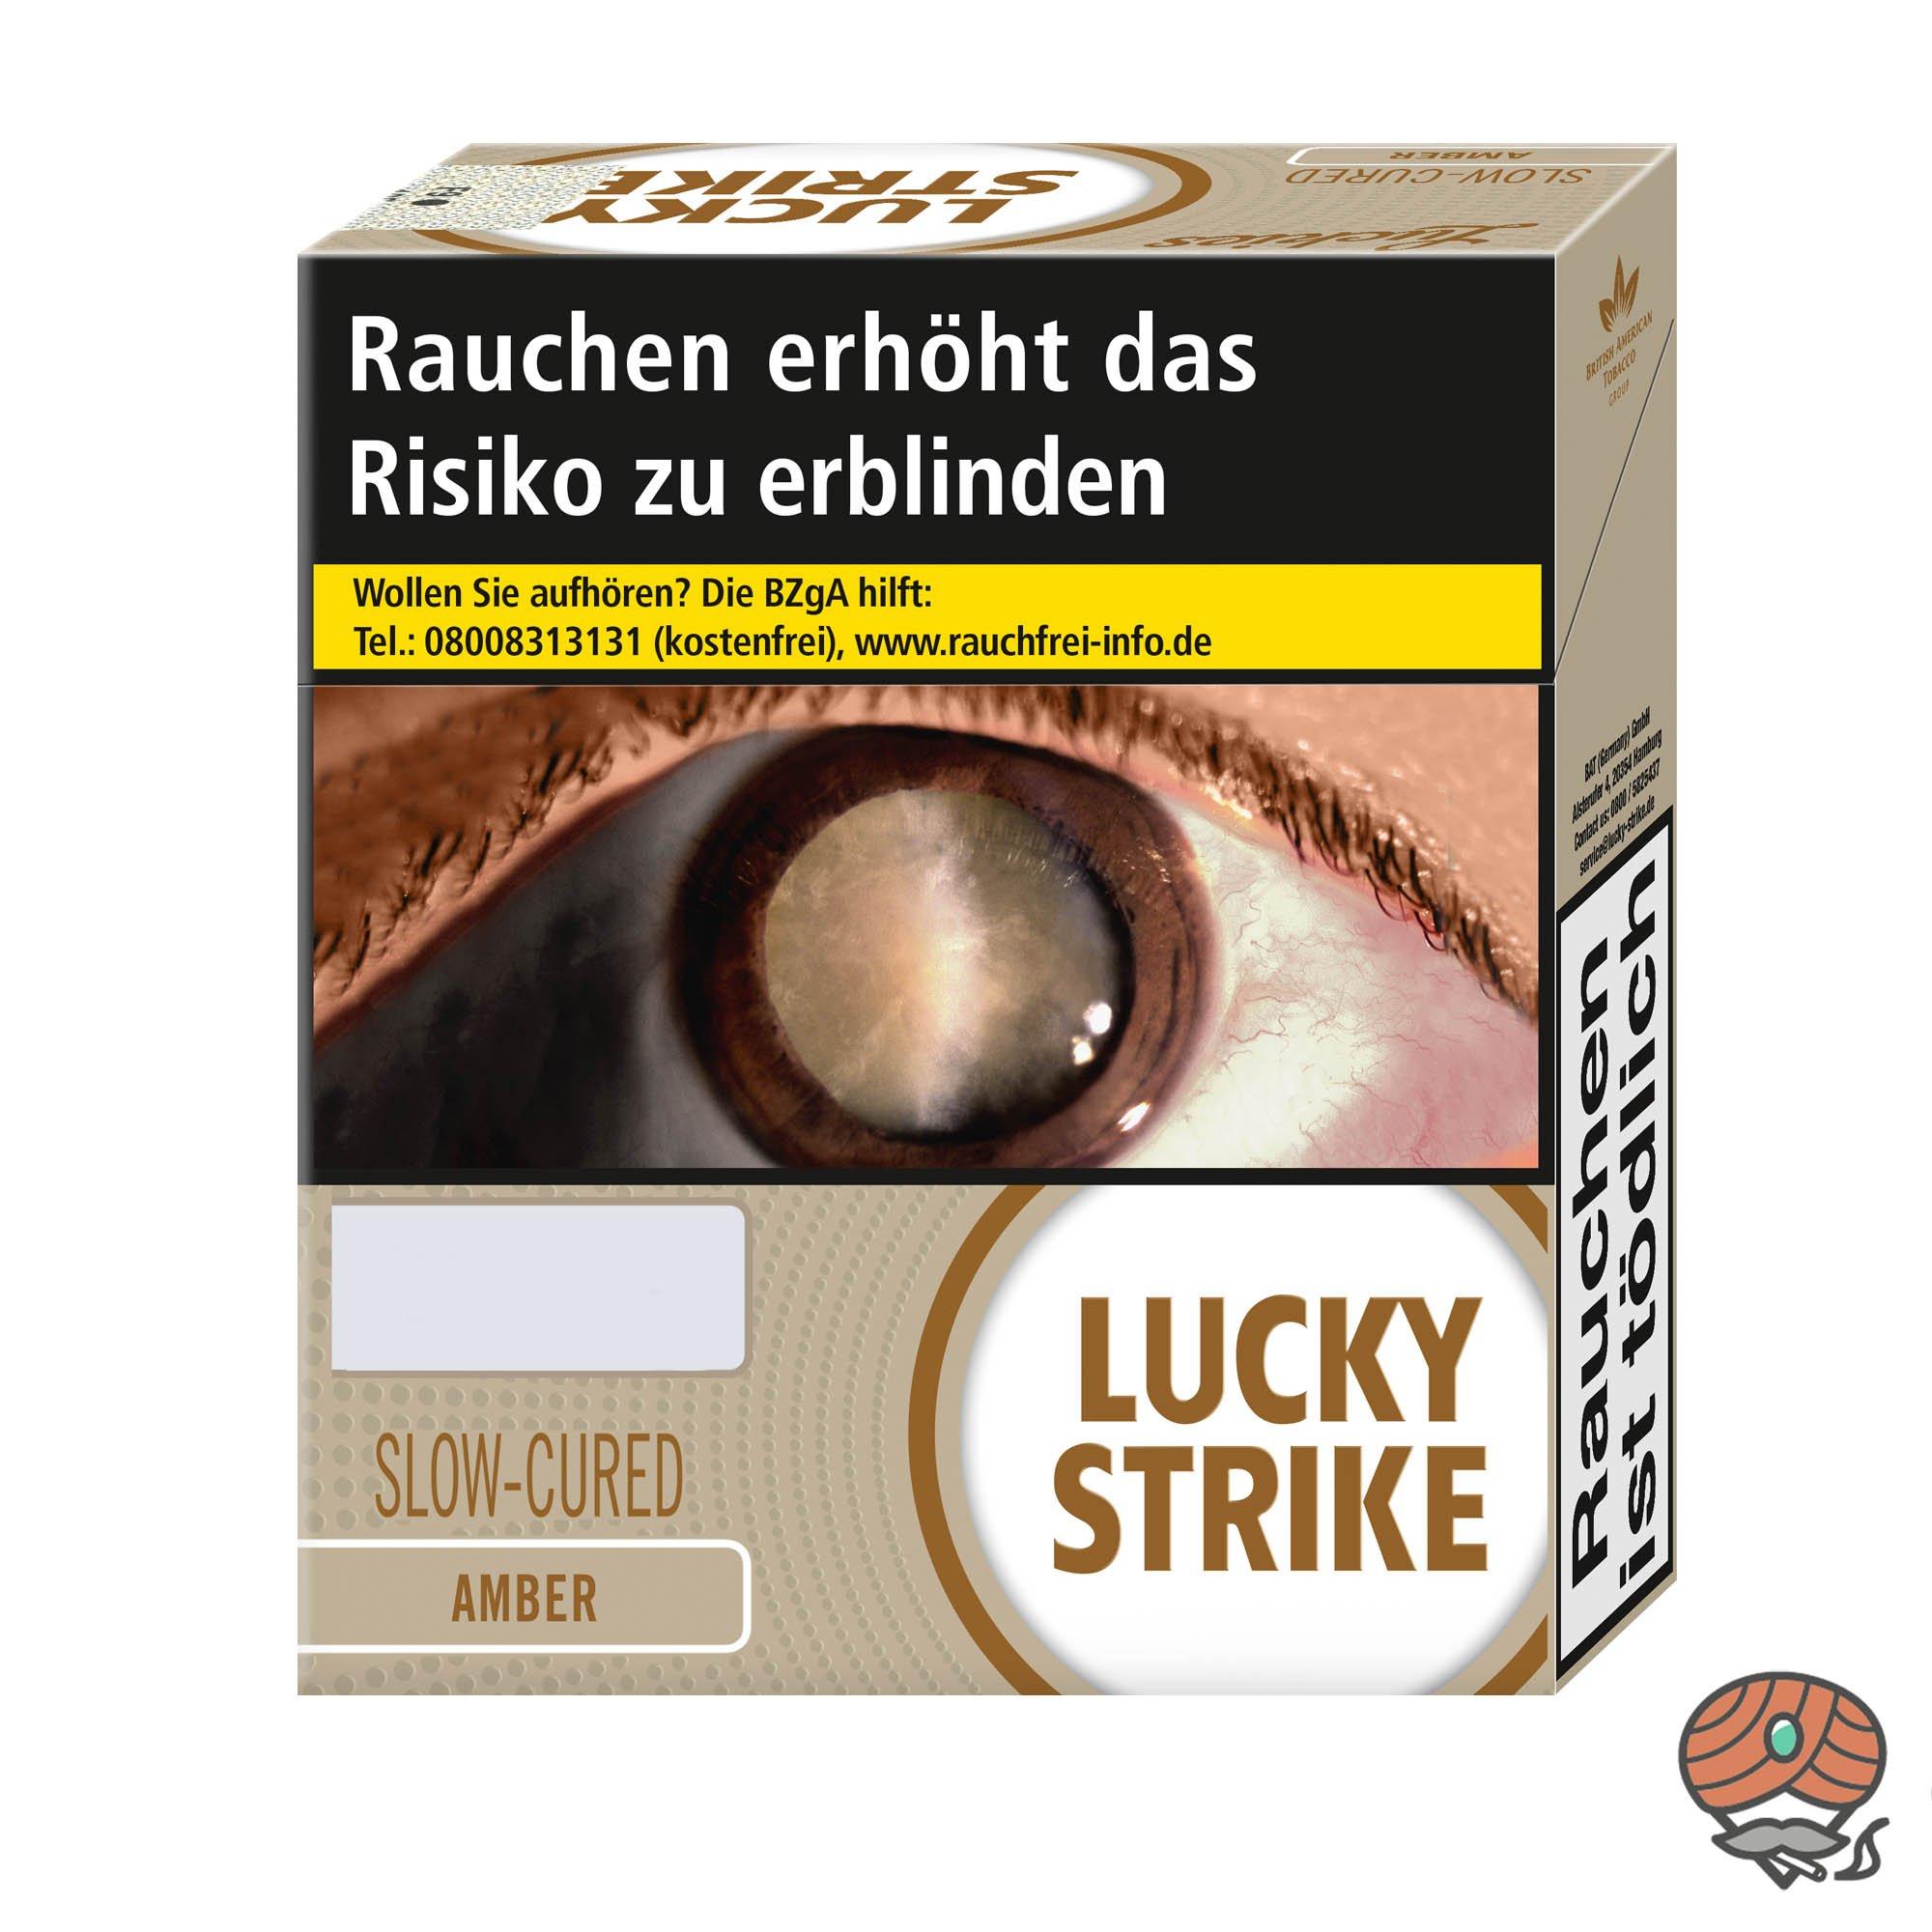 Lucky Strike Amber Zigaretten XXXL Box Inhalt 32 Stück